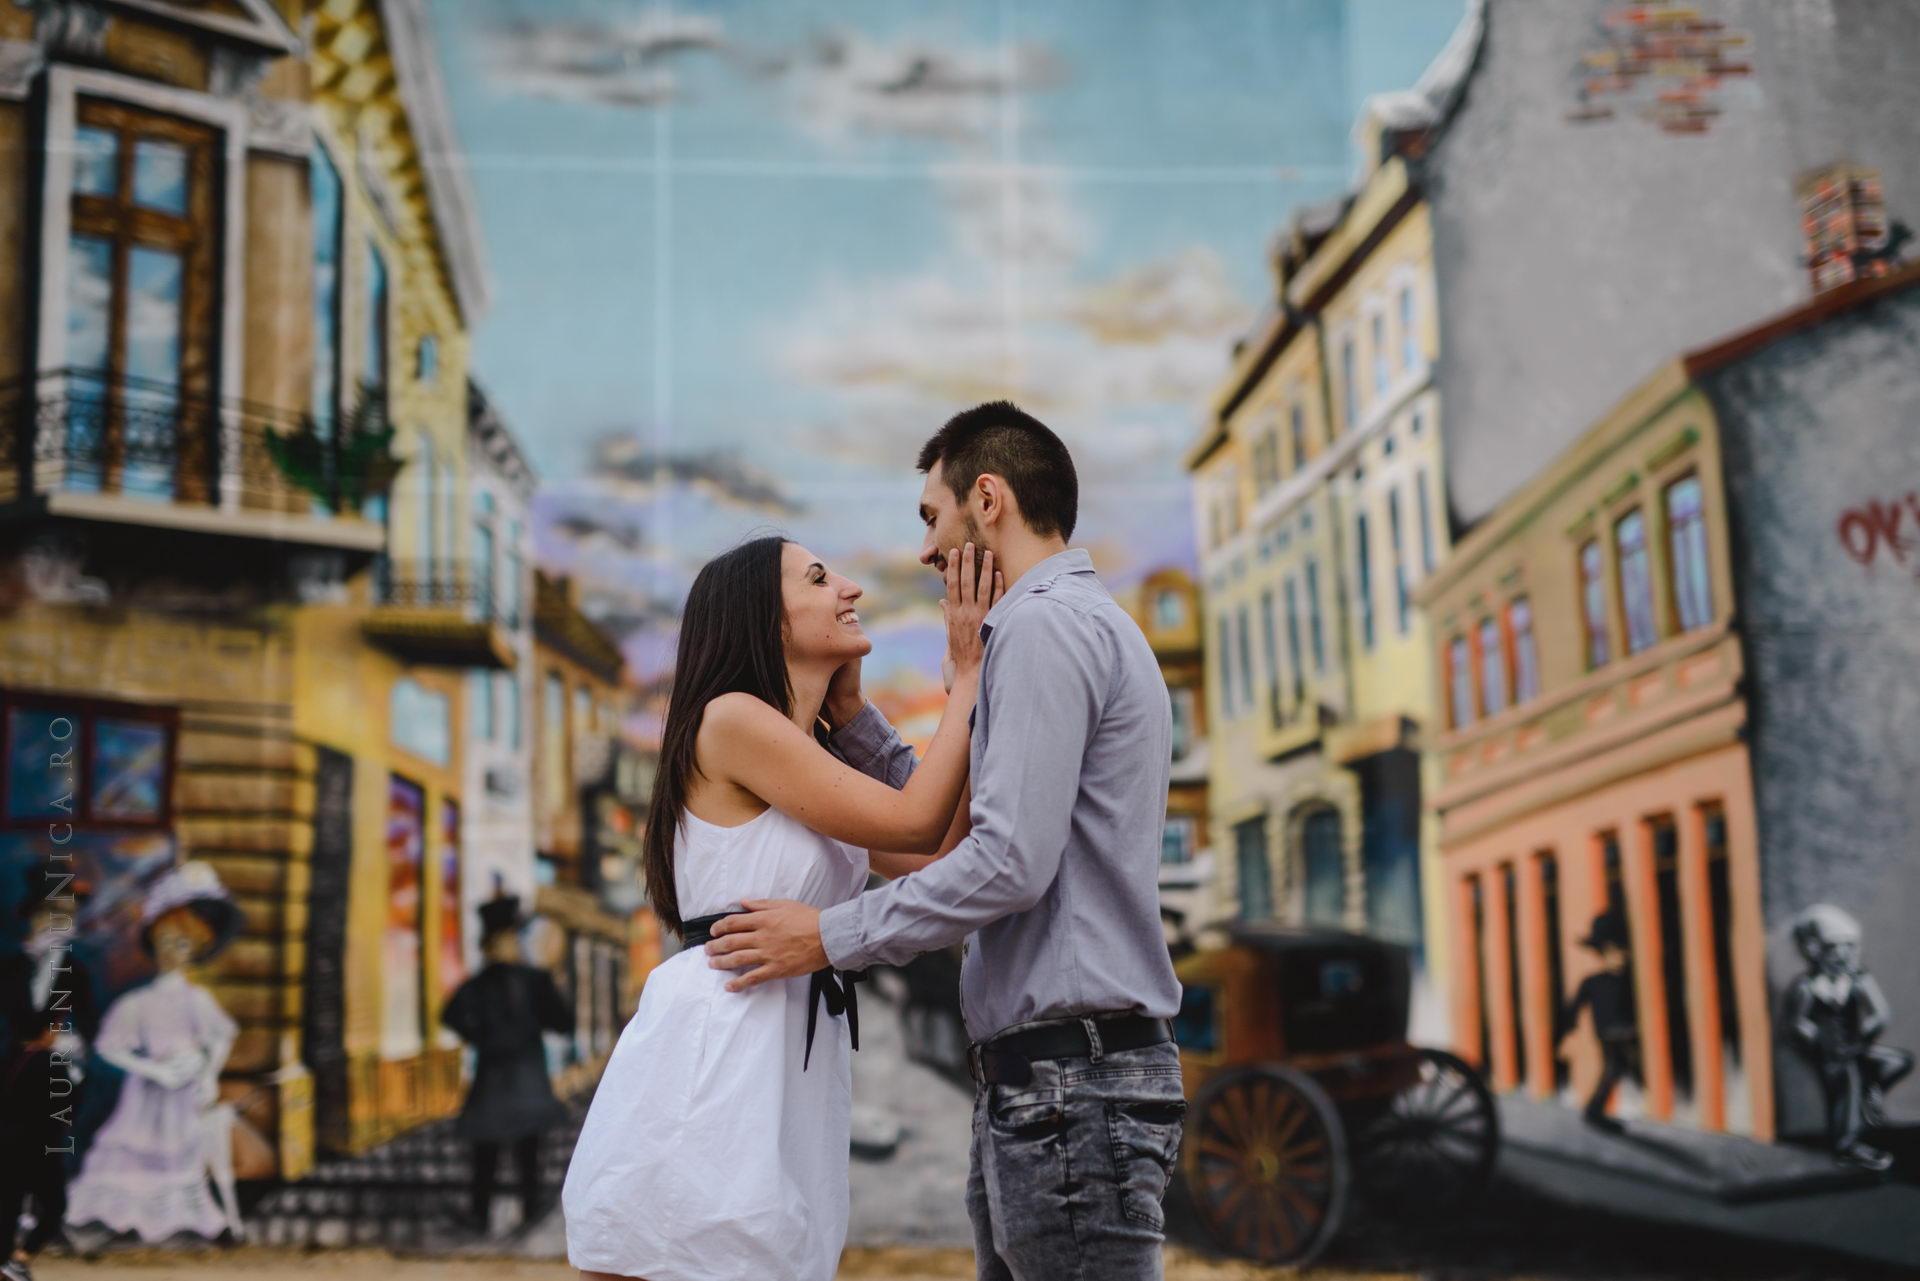 sedinta foto save the date fotograf laurentiu nica craiova 14 - Ramona & Marius | Sedinta foto Save the Date